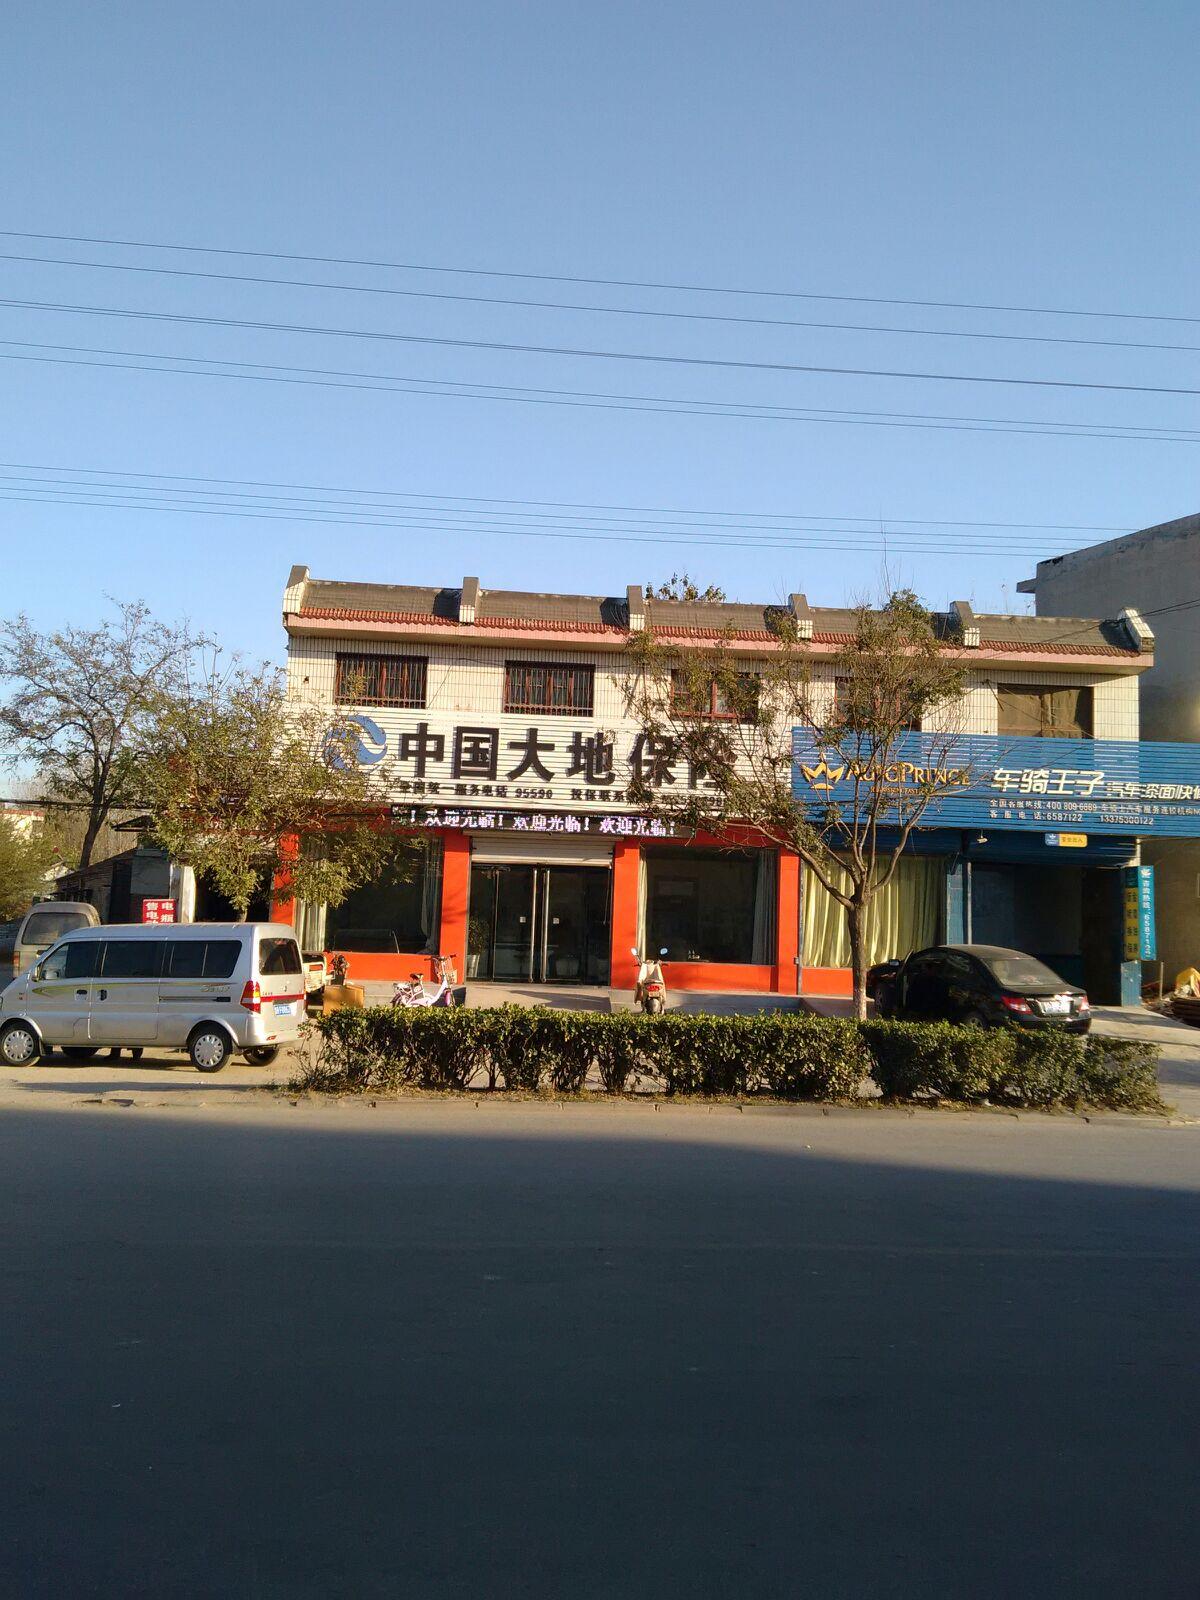 大地保险(郓城县残疾人辅助器具服务中心东)